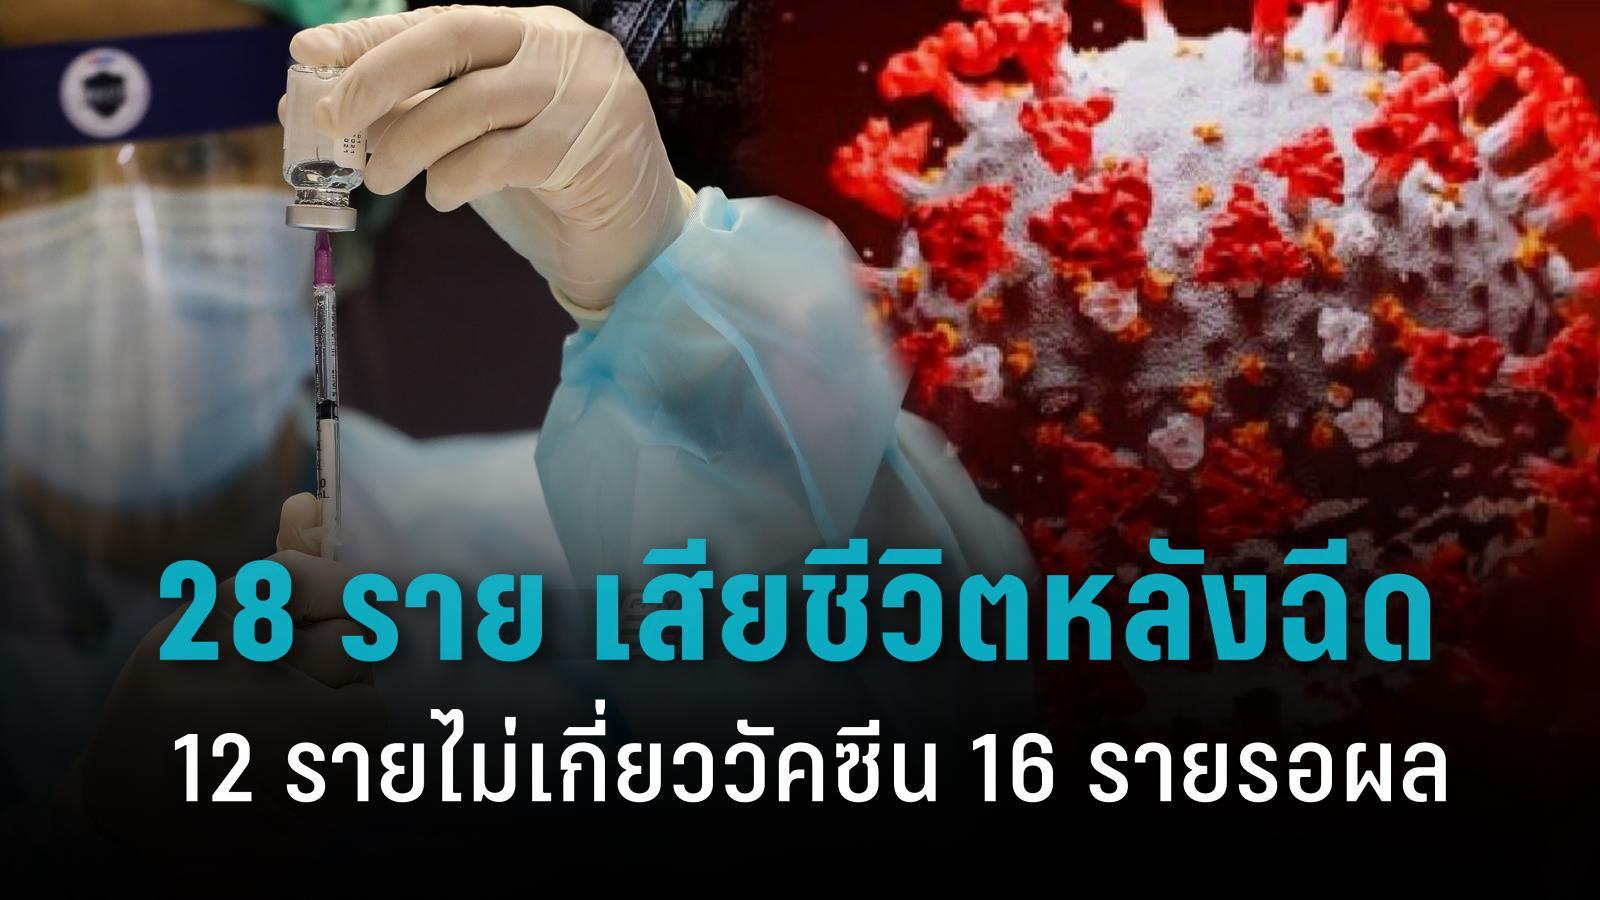 ศบค. เผย 28 ราย เสียชีวิตหลังฉีดวัคซีน 12 รายไม่เกี่ยววัคซีน 16 ราย รอผลชันสูตร